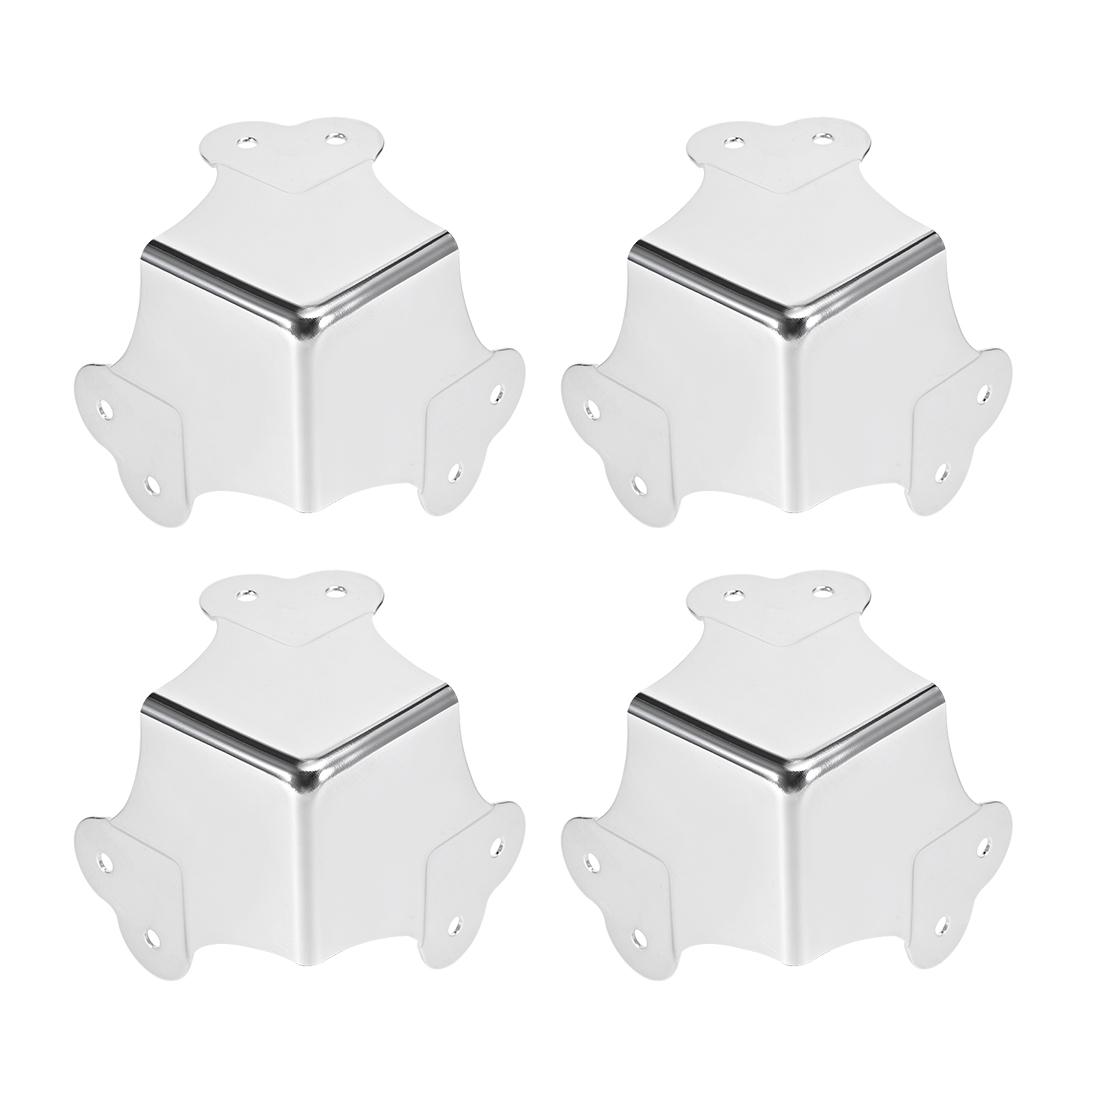 Metal Box Corner Protectors Edge Guard Protector 66.5 x 66.5 x 66.5mm 4pcs